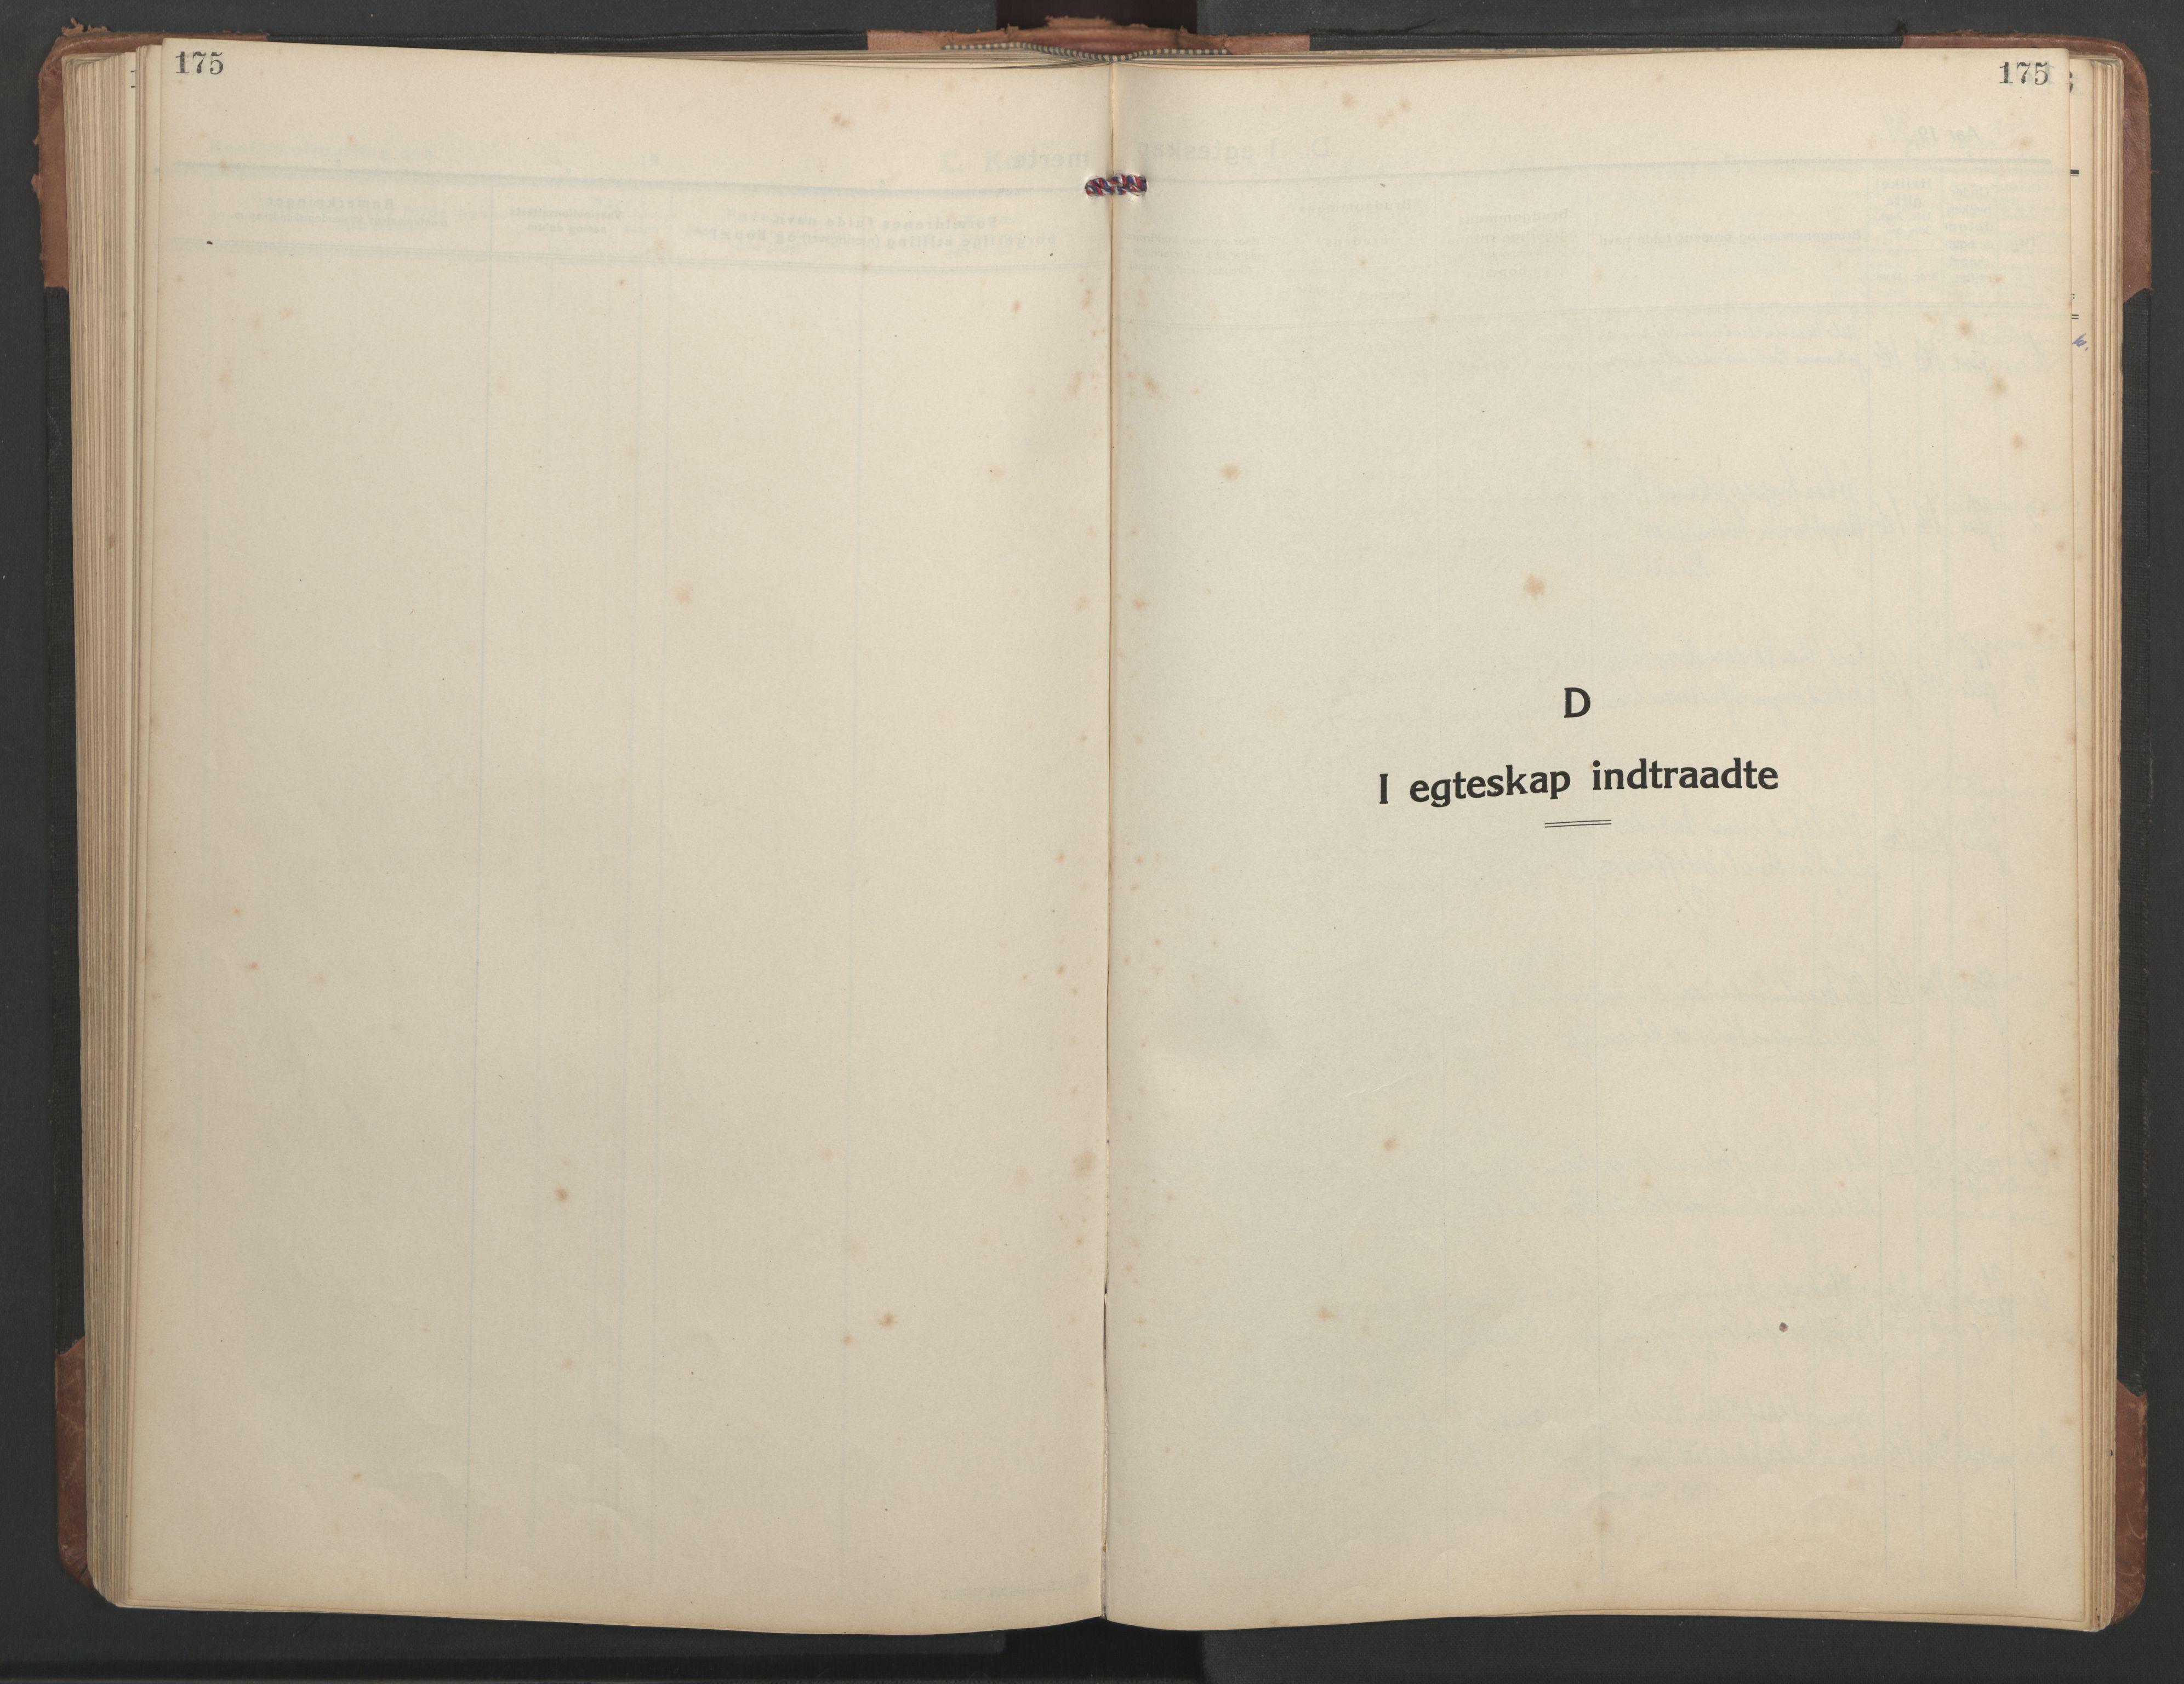 SAT, Ministerialprotokoller, klokkerbøker og fødselsregistre - Sør-Trøndelag, 638/L0569: Klokkerbok nr. 638C01, 1923-1961, s. 175